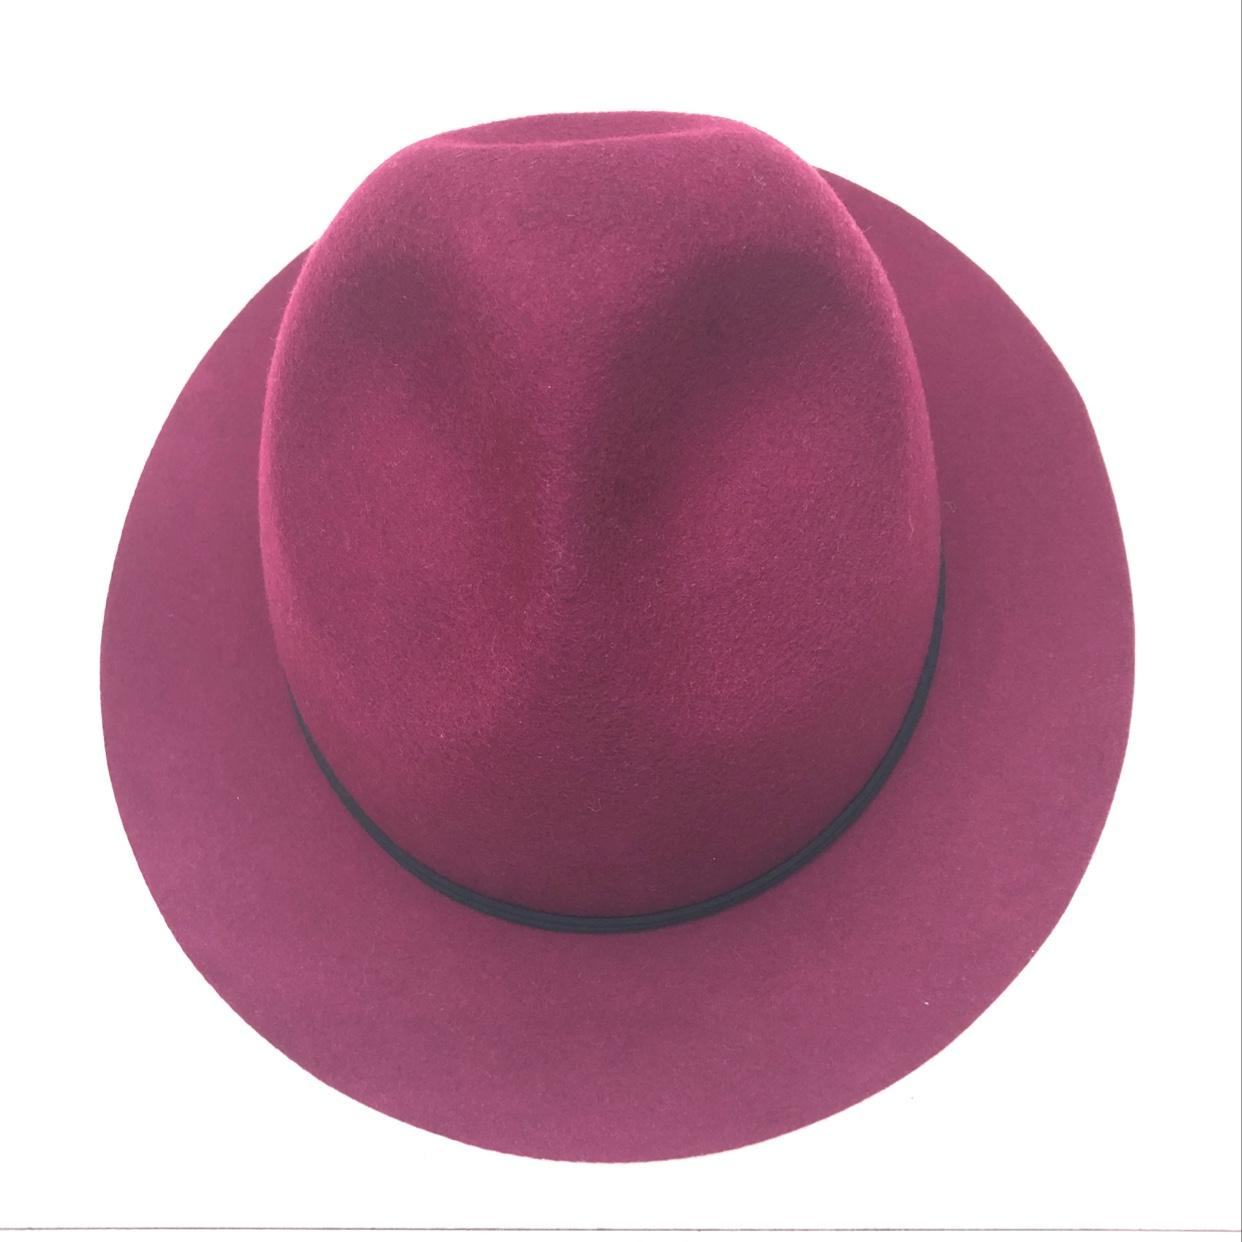 三凹造型纯羊毛礼帽,秋冬时尚潮流羊毛毡礼帽